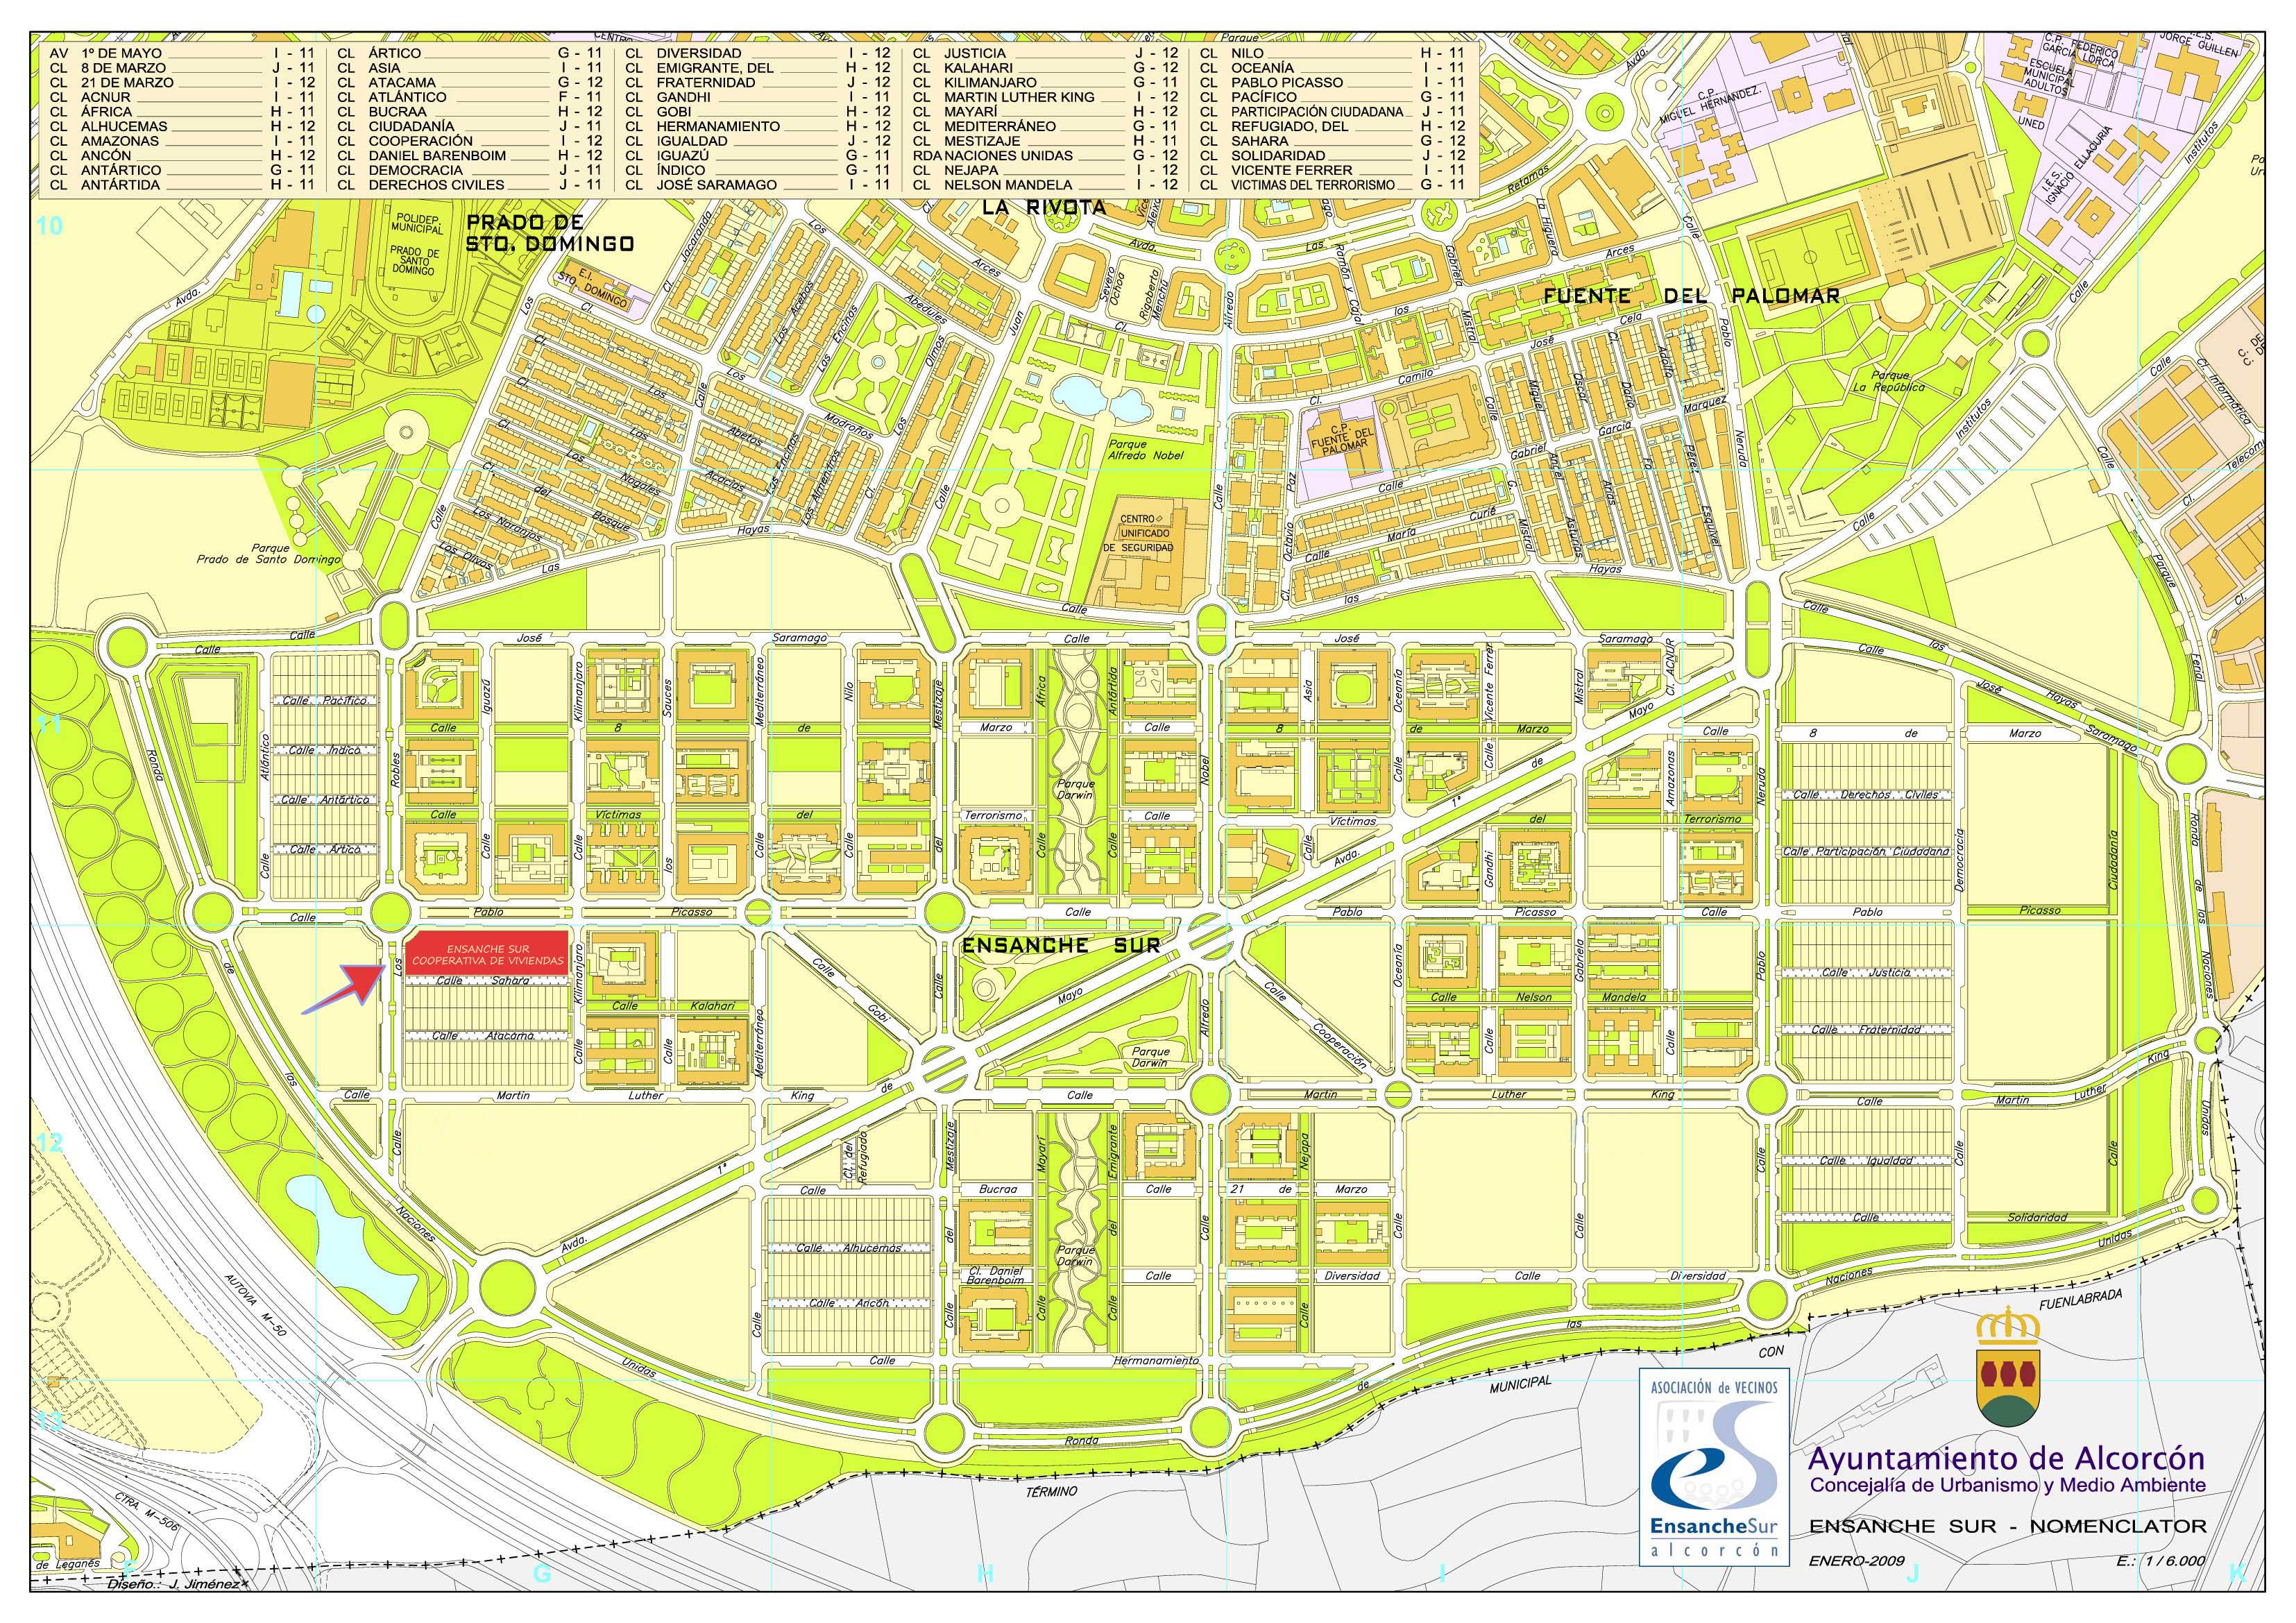 Ensanche sur cooperativa de viviendas documento plano de situaci n - Casas en alcorcon ...